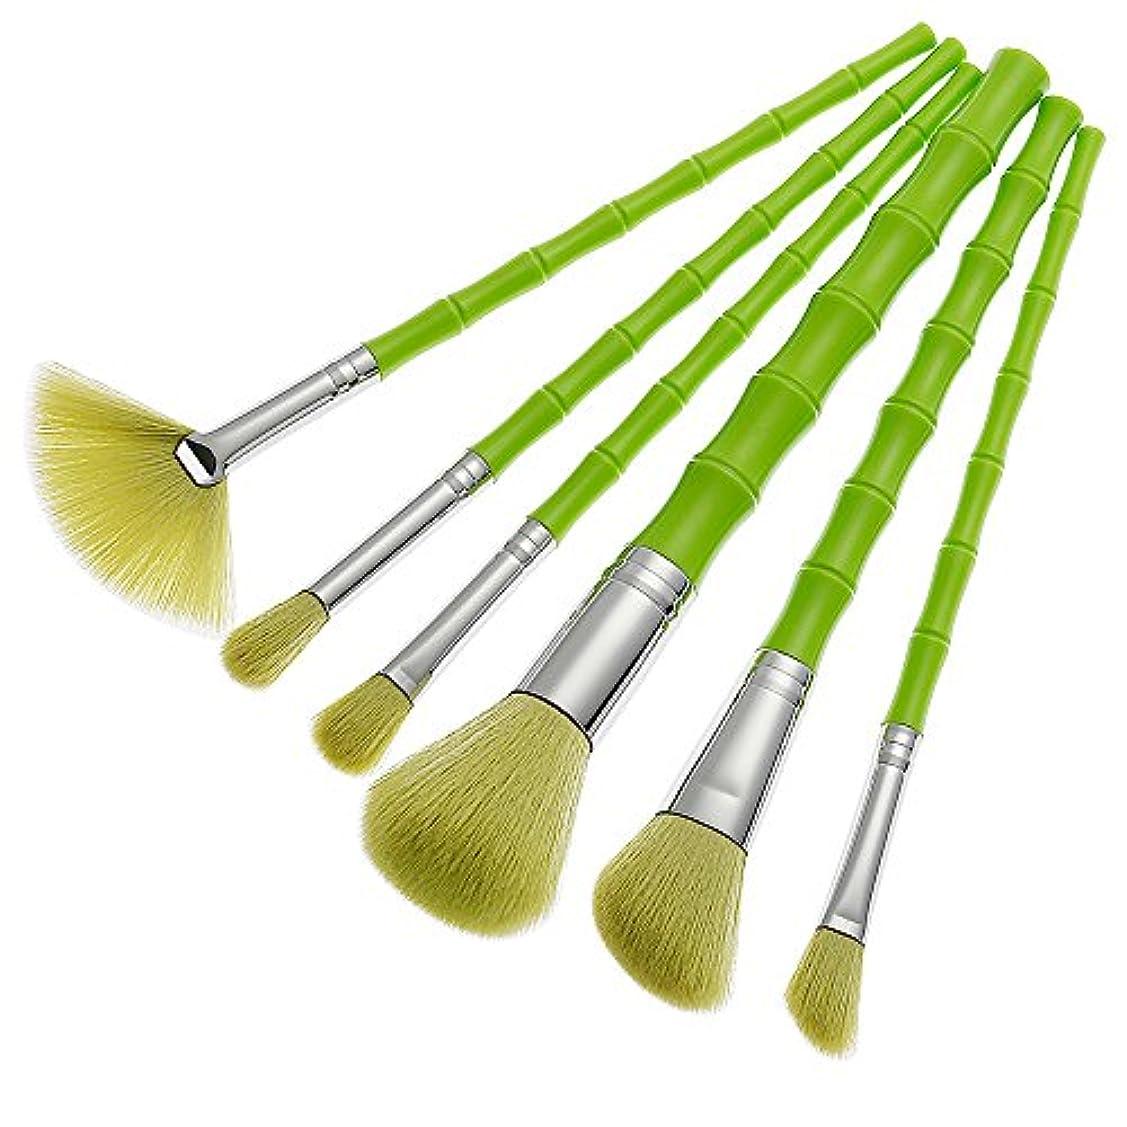 対応パイプみなす(プタス)Putars メイクブラシ メイクブラシセット 6本セット 竹模様 グリーン 化粧ブラシ ふわふわ お肌に優しい 毛量たっぷり メイク道具 プレゼント